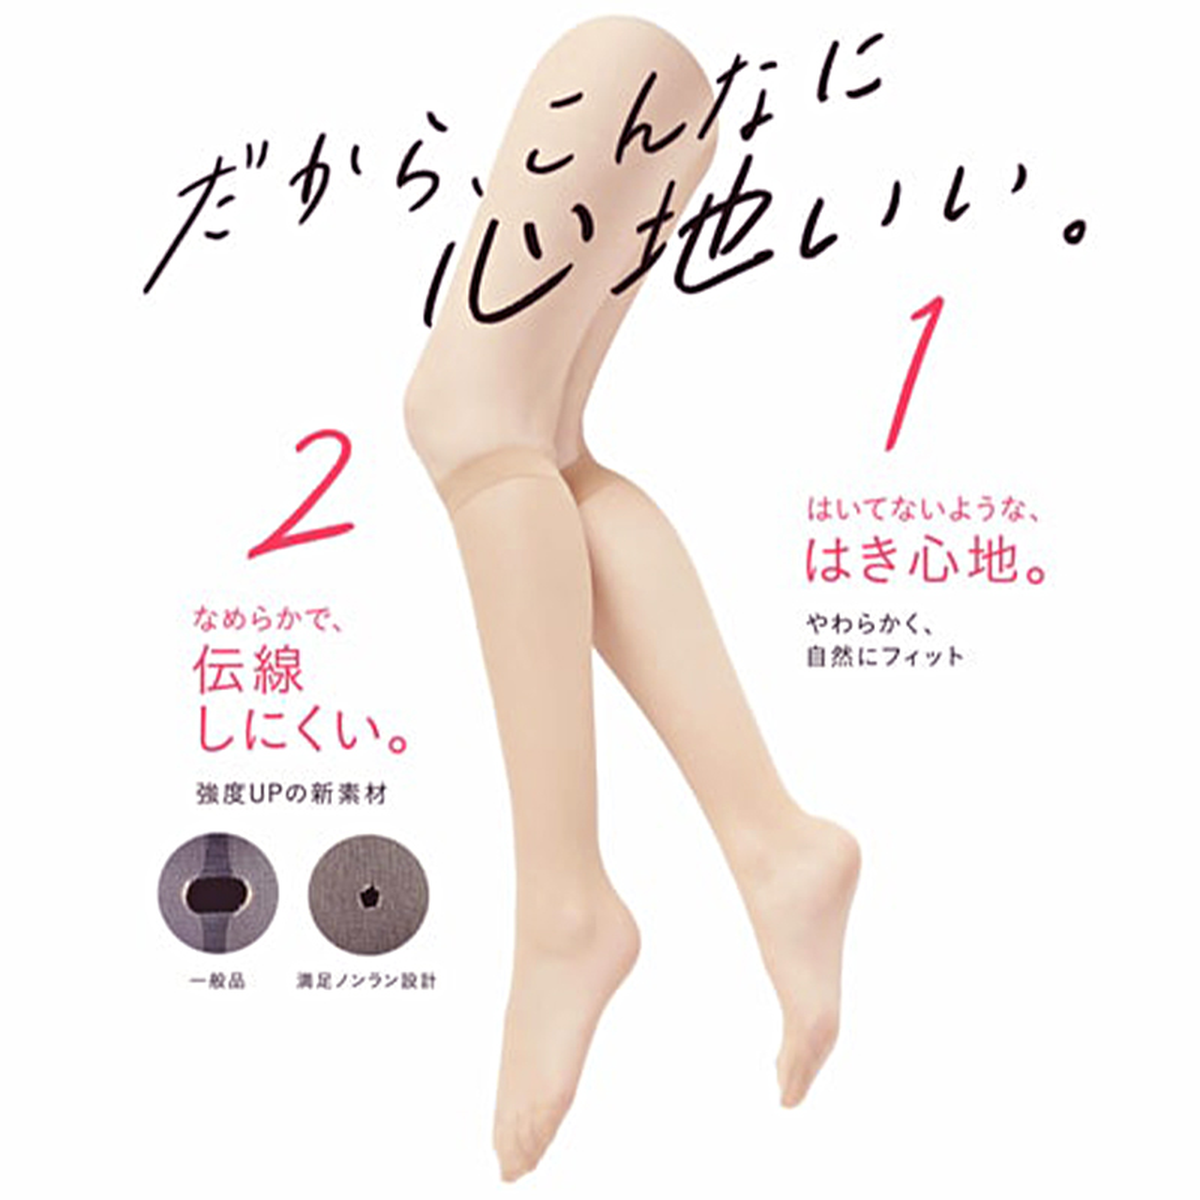 福助 満足 ショートストッキング 美しく心地いい ひざ下丈 22-25cm (フクスケ レディース 伝線しにくい)